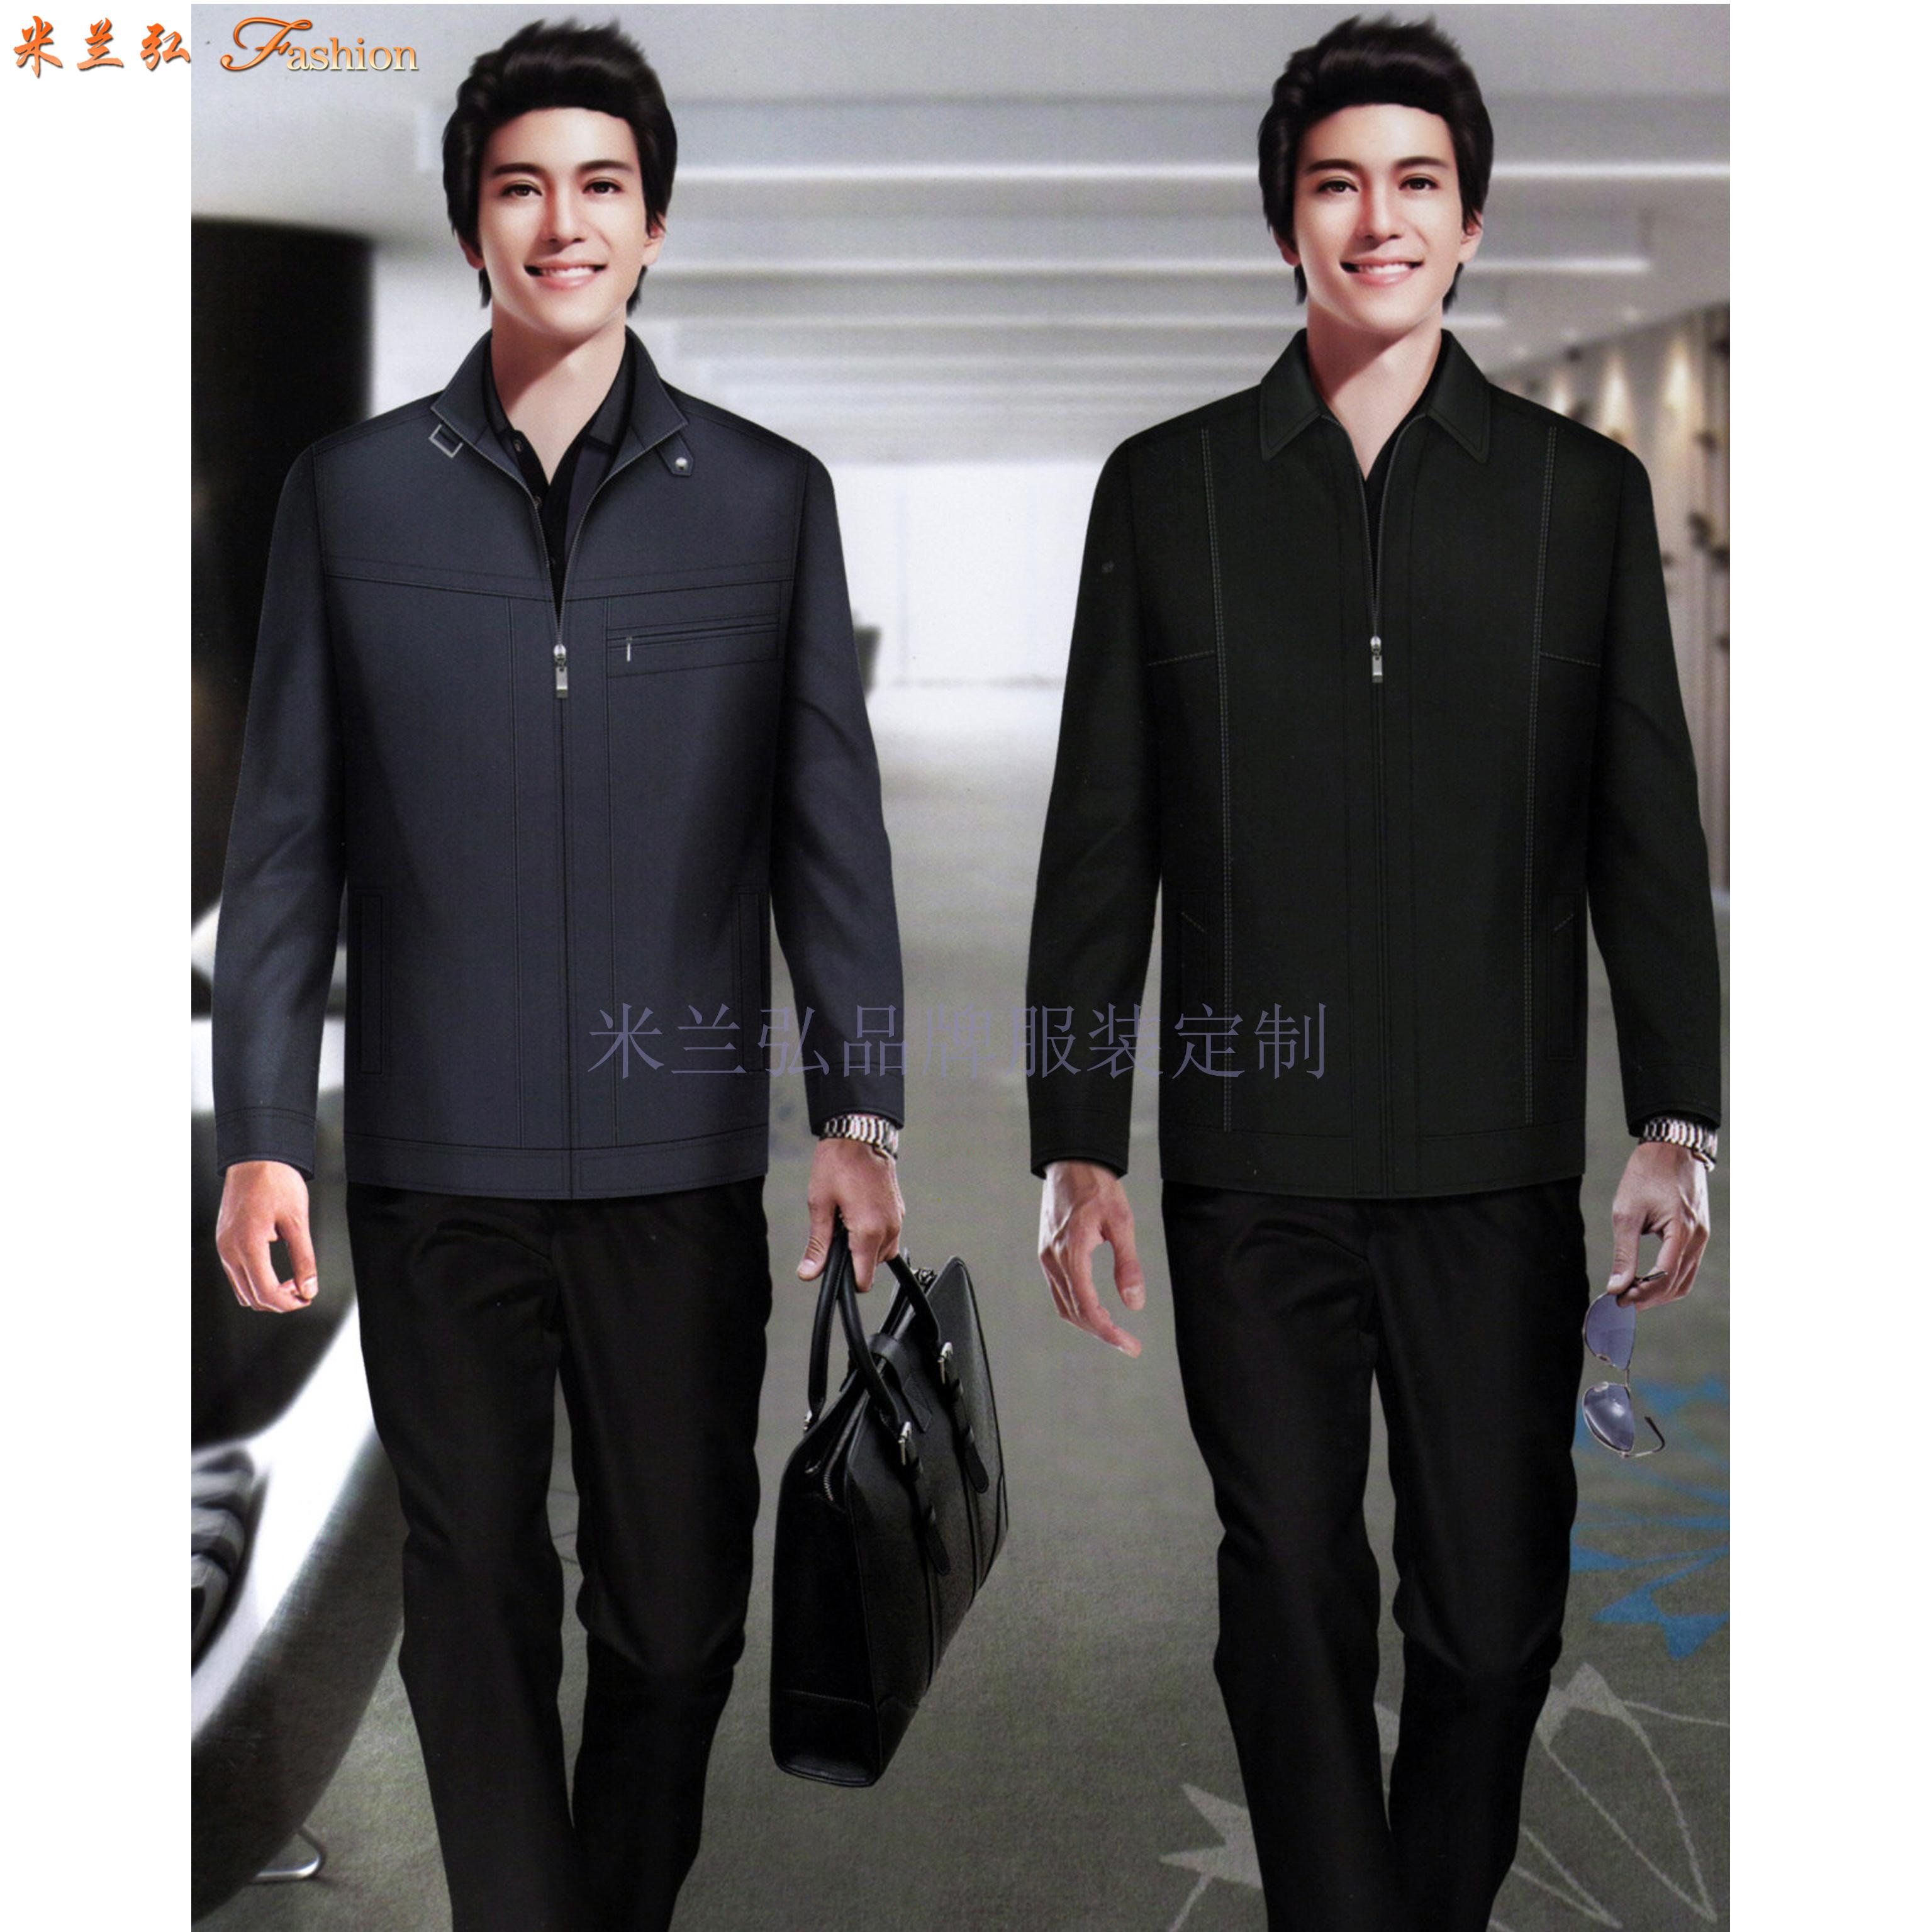 「北京商務夾克定制」「北京商務夾克訂做」推薦米蘭弘服裝公司-4